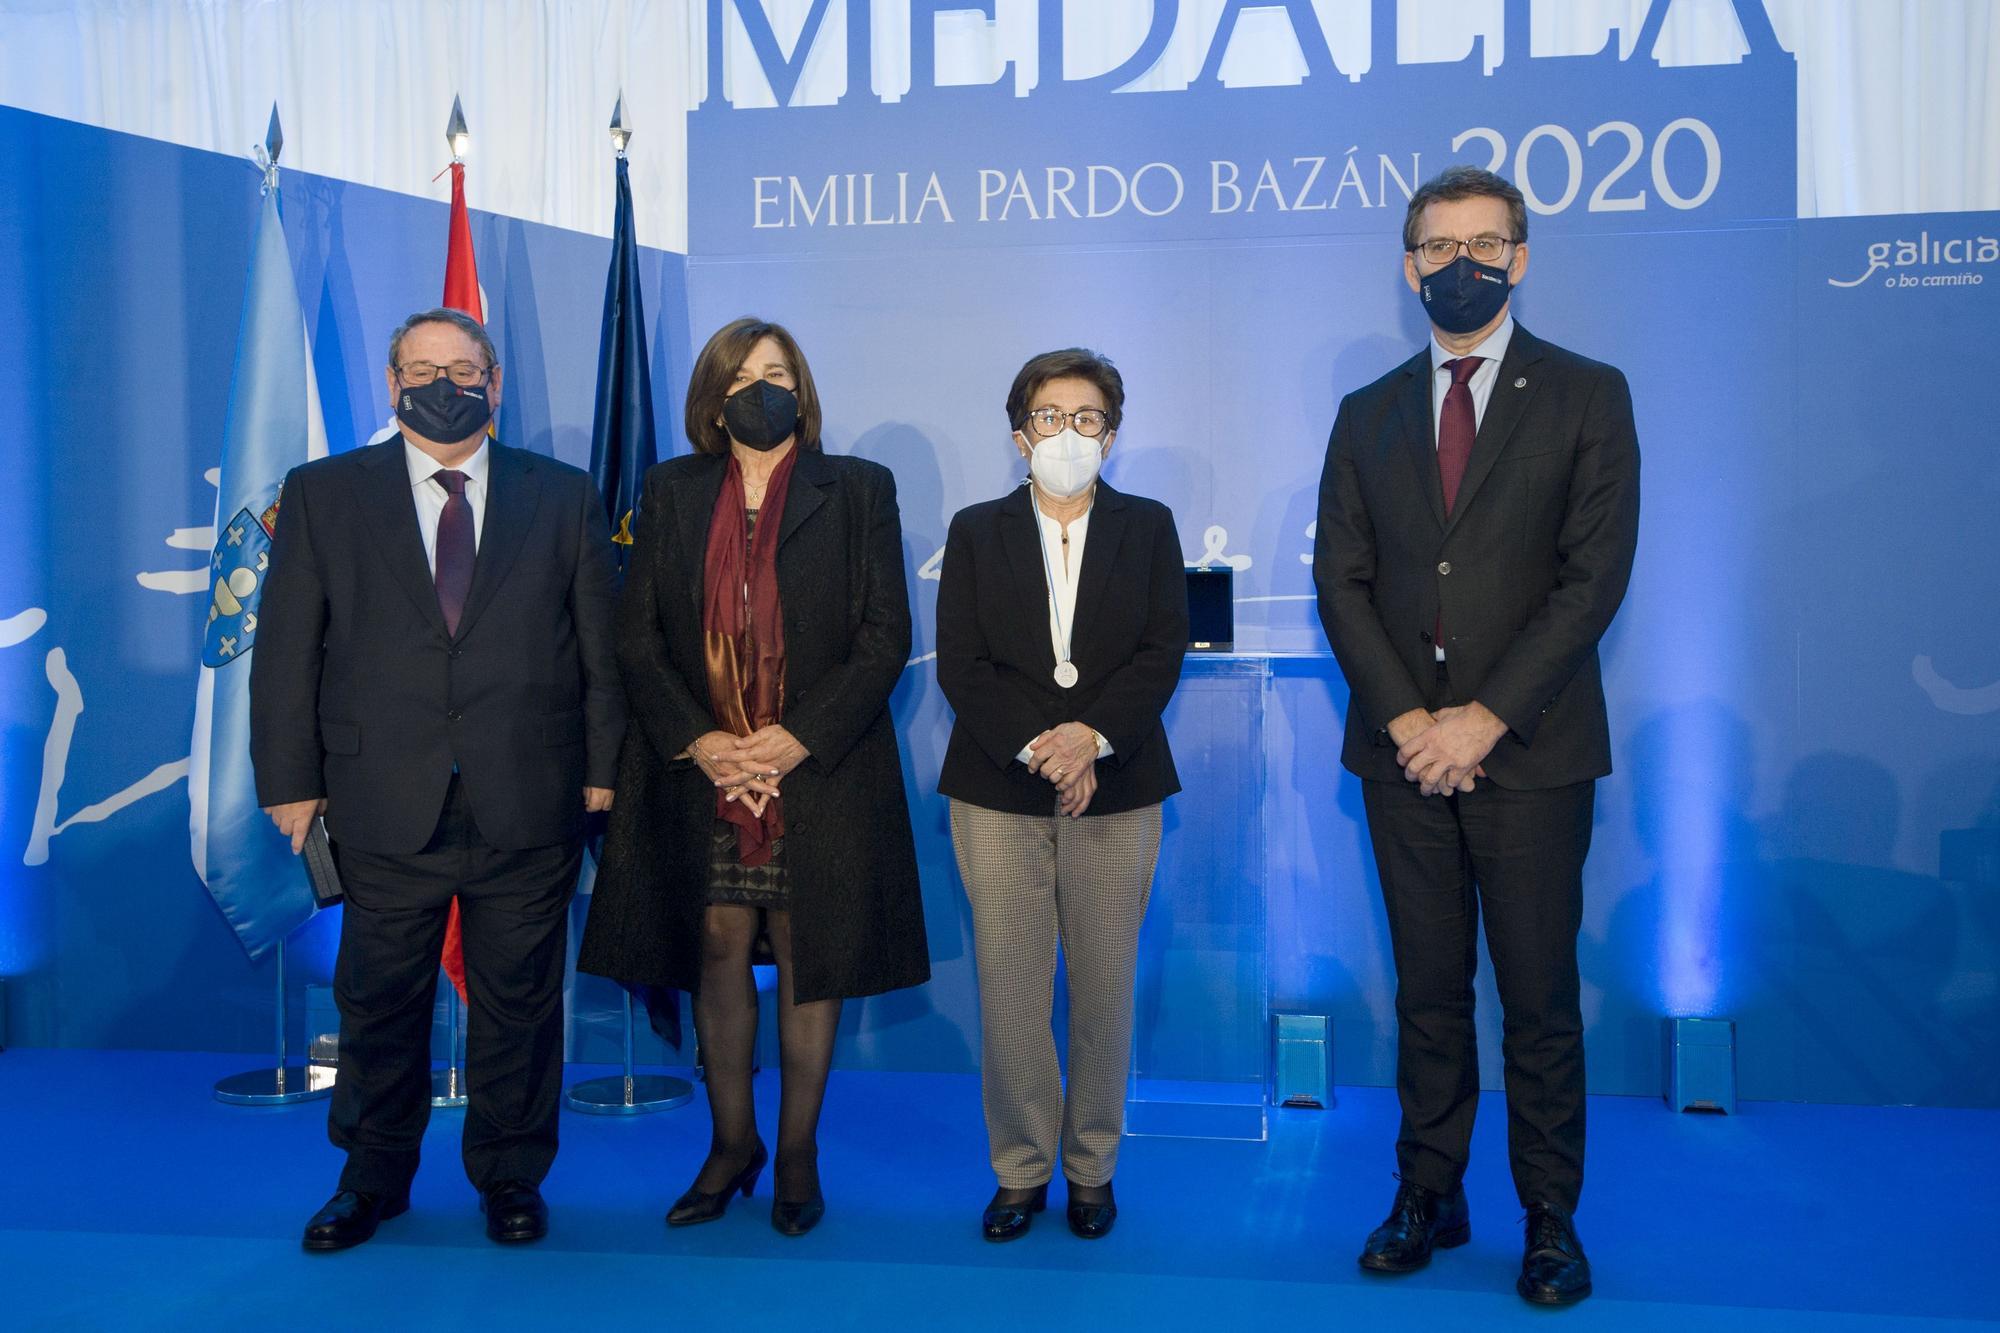 Entrega de Medallas Medallas Emilia Pardo Bazán